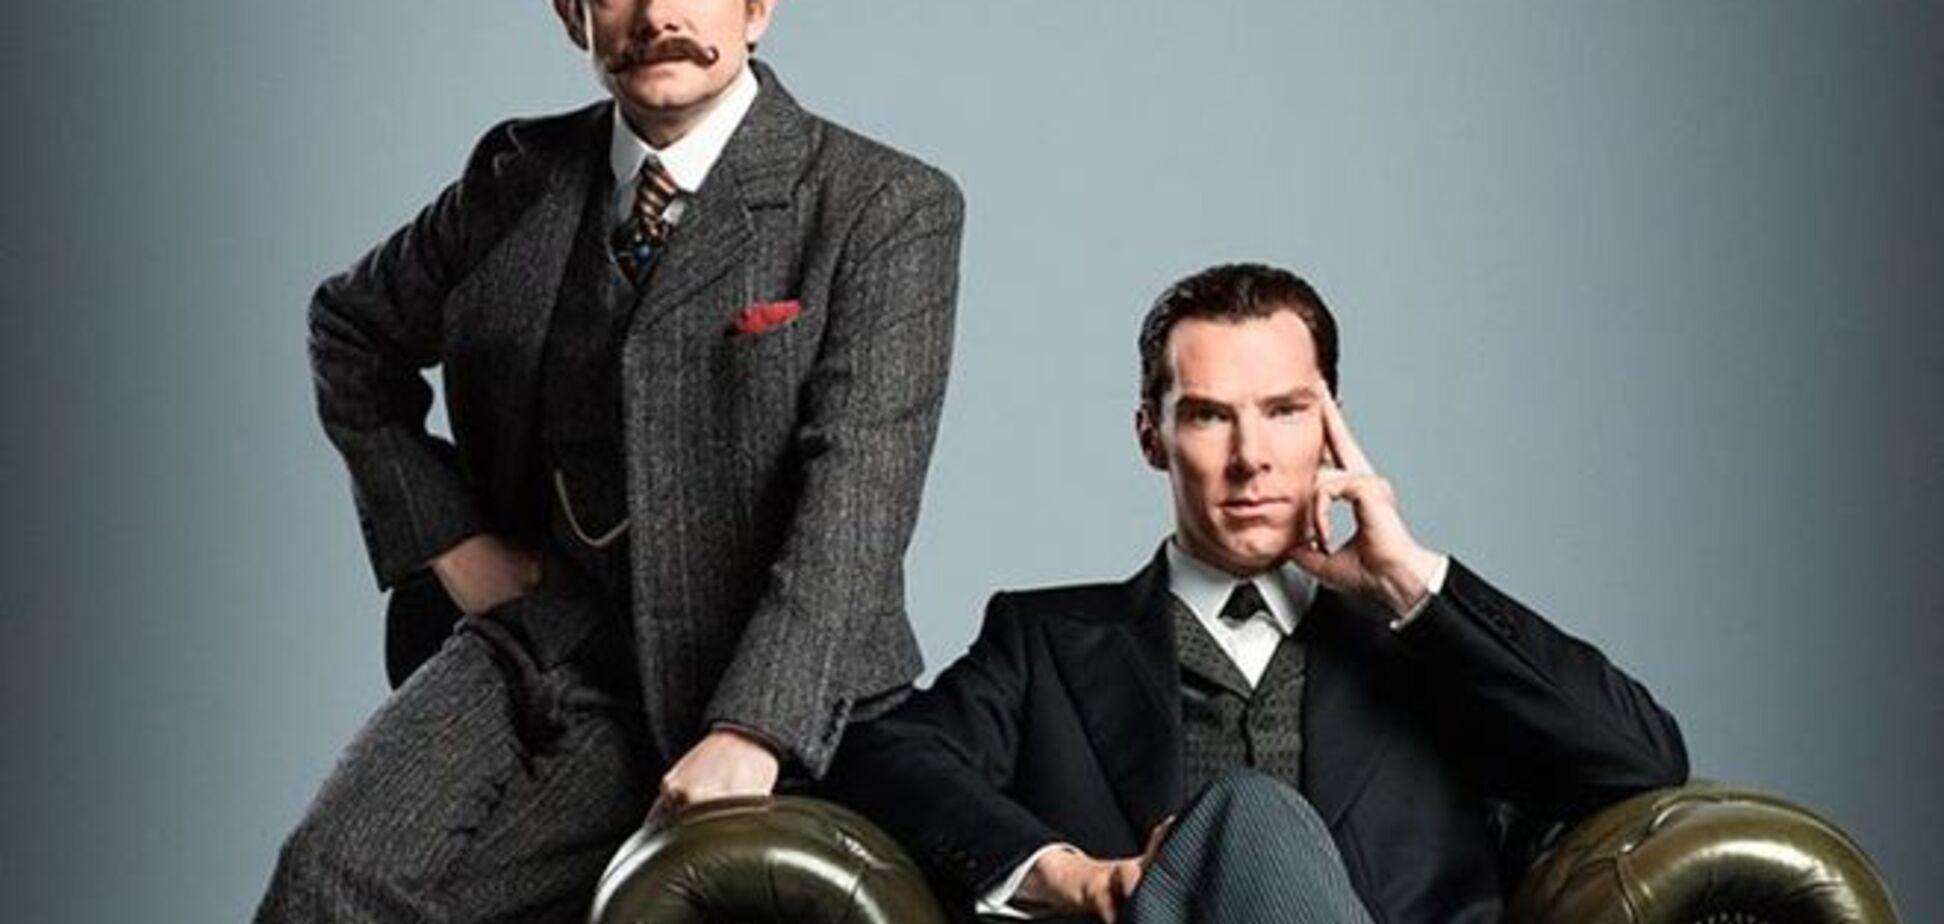 ВВС показал первое фото из новой серии 'Шерлока'